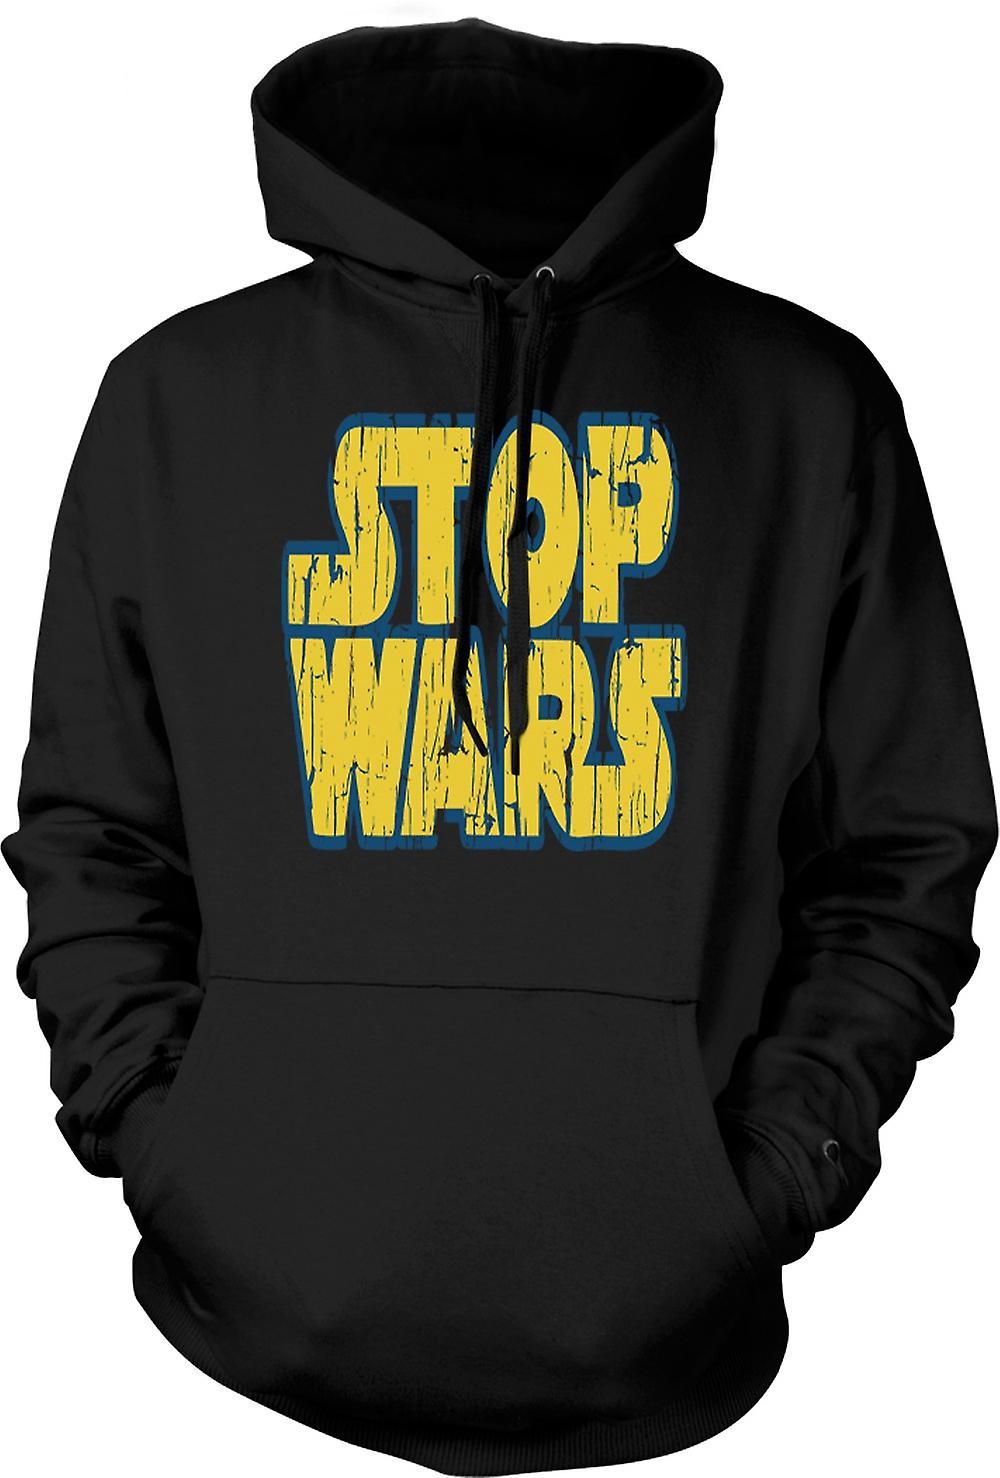 Mens-Hoodie - Stop Wars (Star Wars) - Verschwörung - lustig